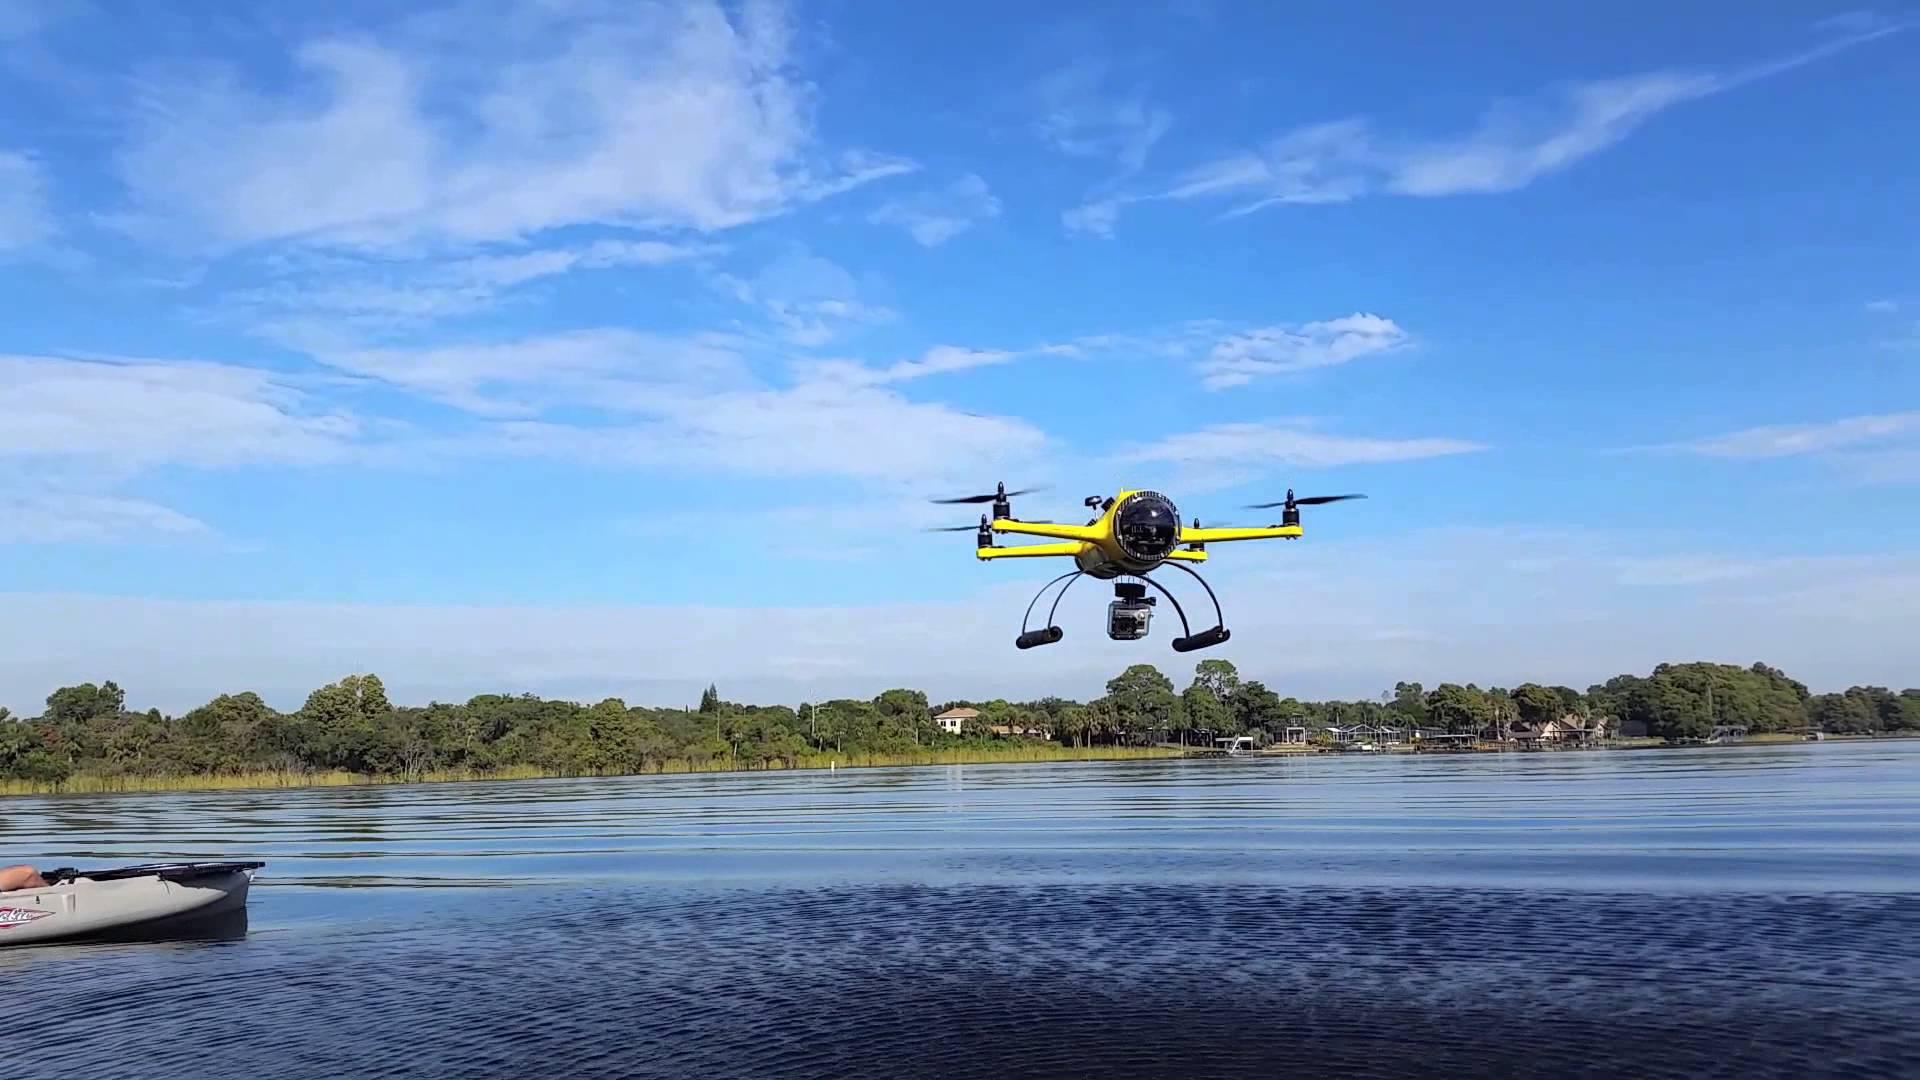 Guerra comercial contra China afectará comercialización de drones subacuáticos